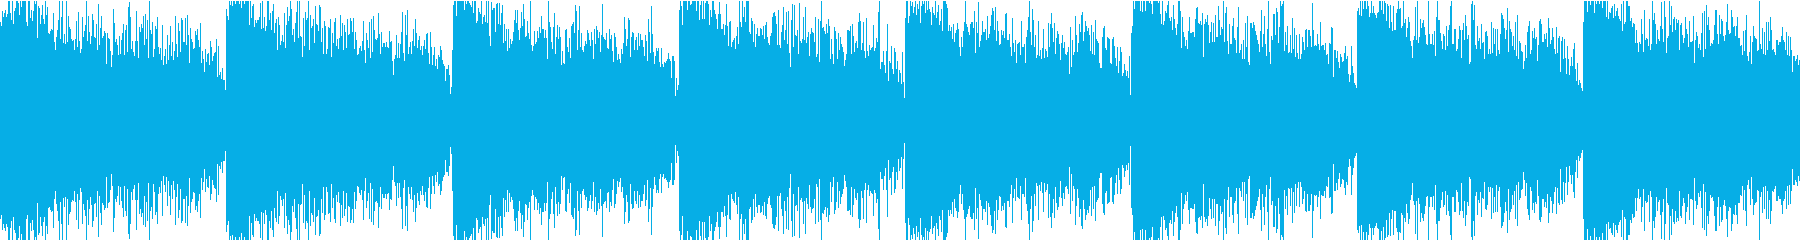 サイレン 緊急 防災 アラーム 警報 4の再生済みの波形